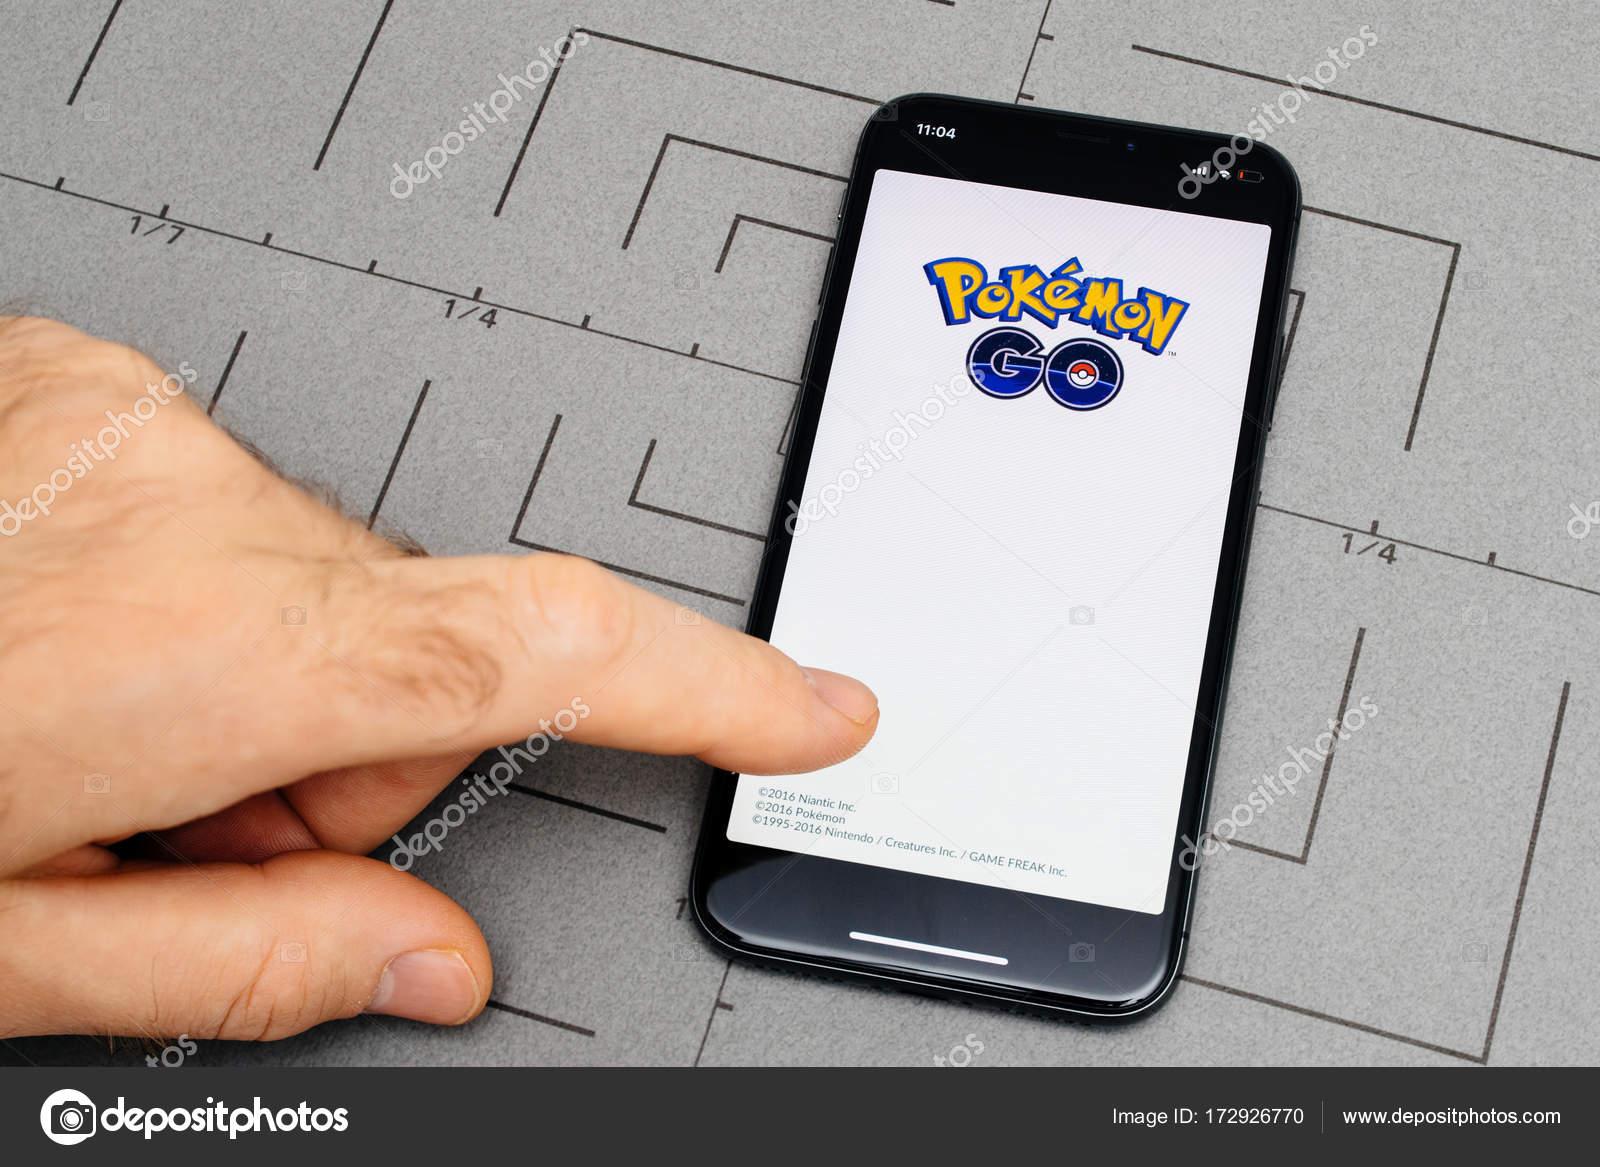 x 10 の iphone アプリ アプリケーション ソフトウェア ポケモン上に設定